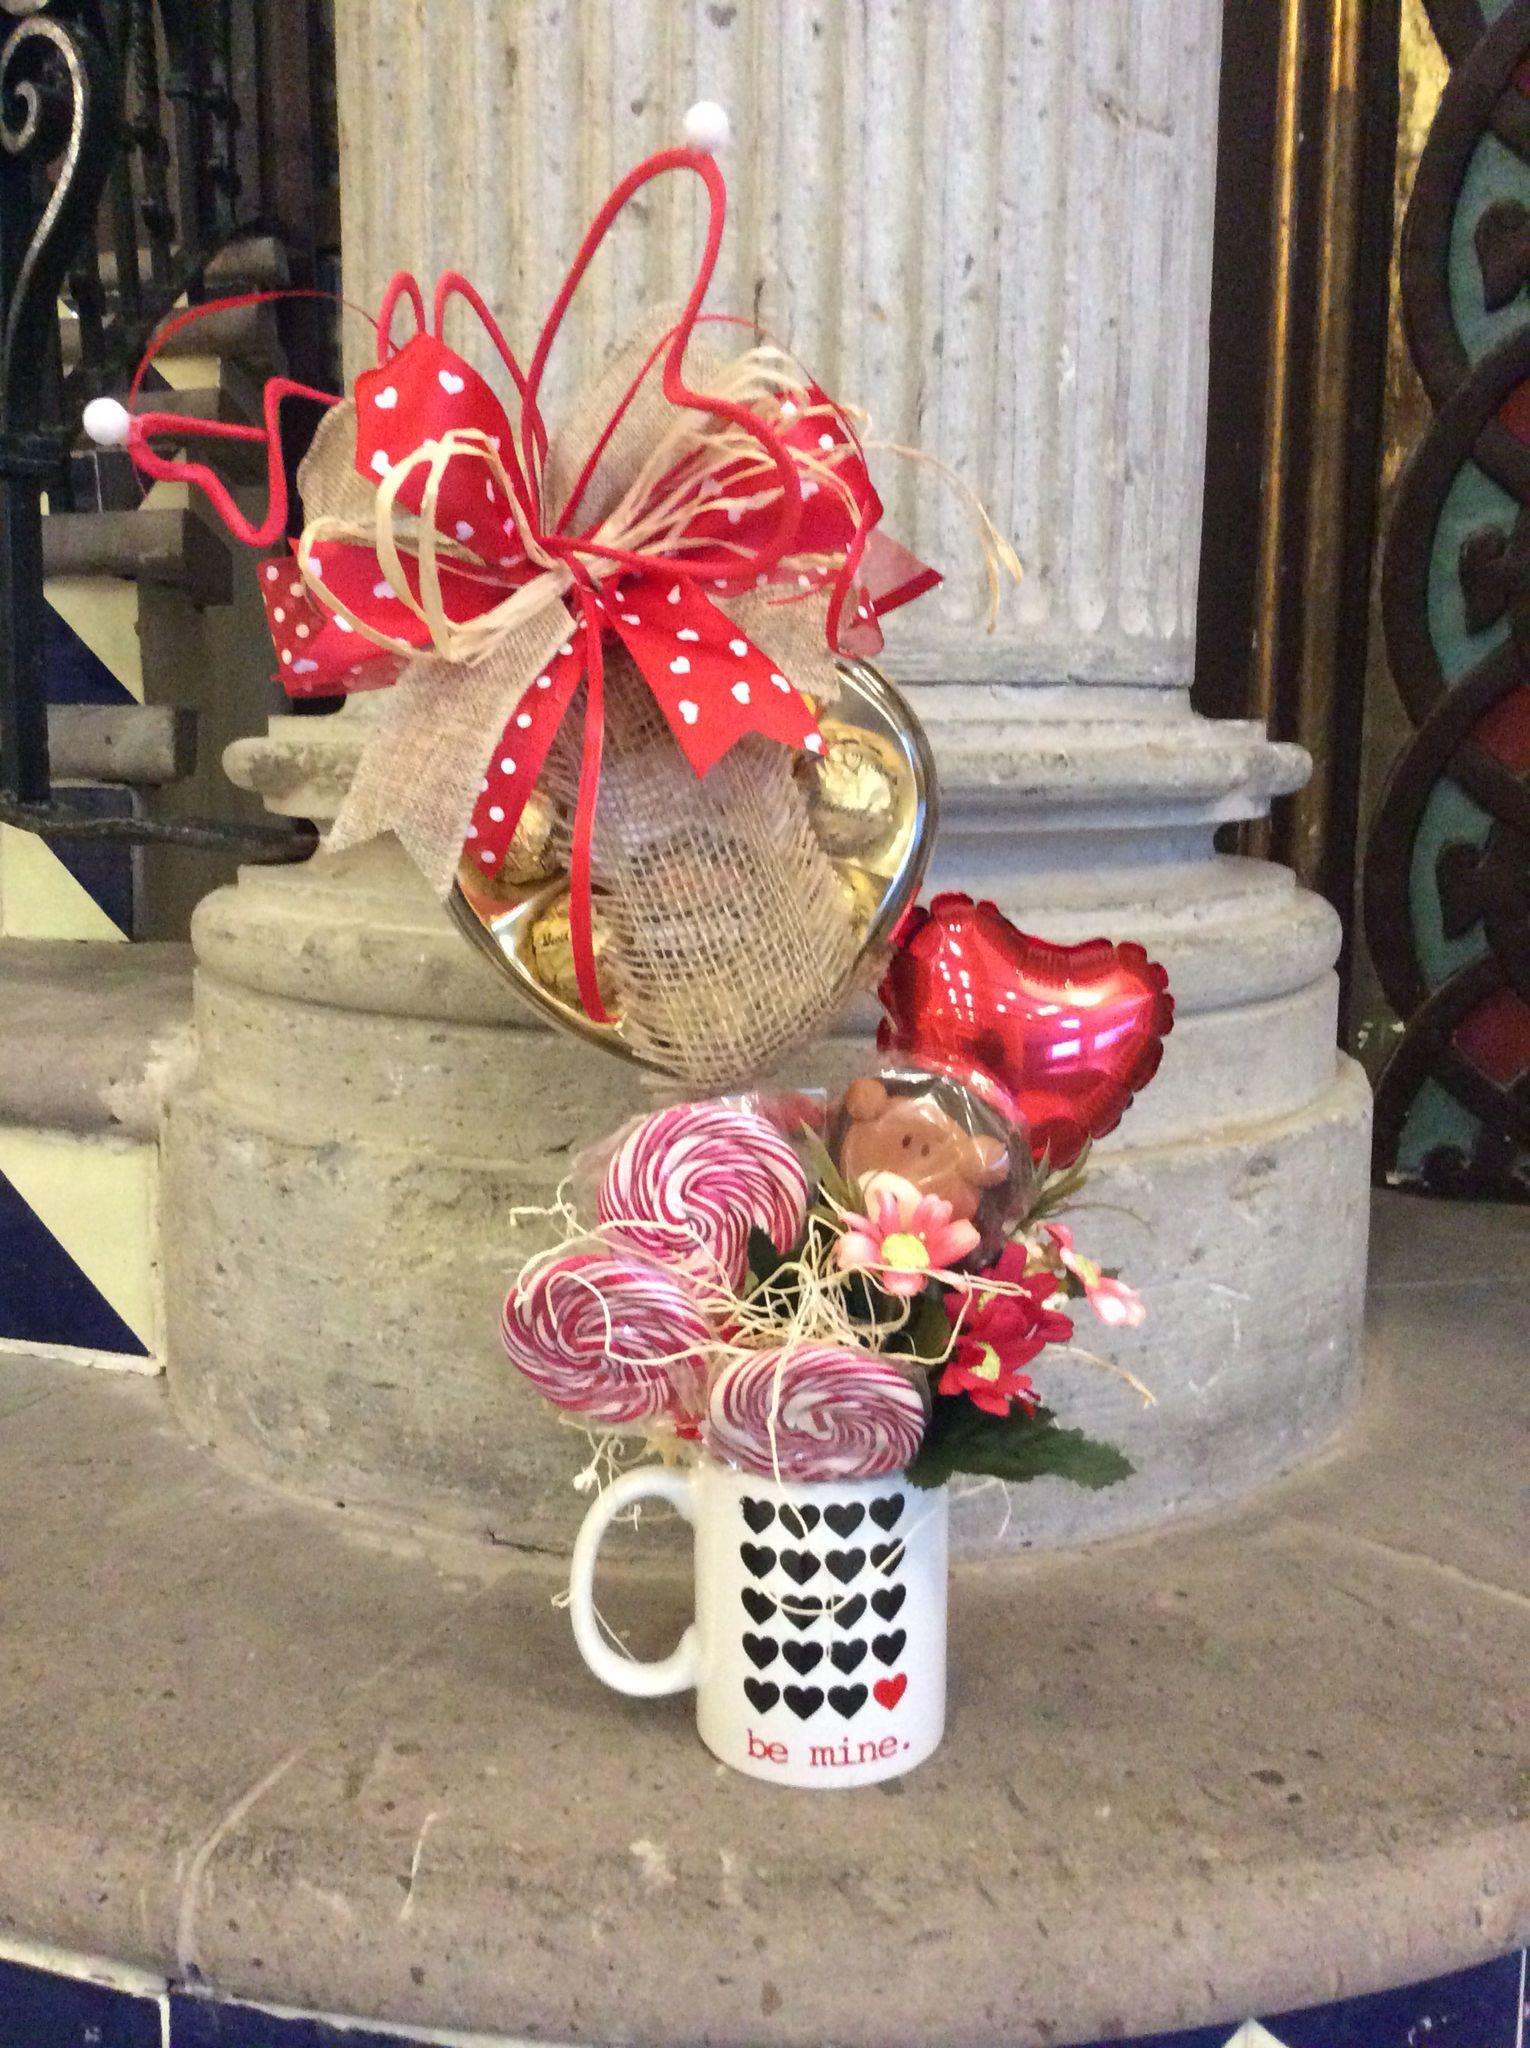 14 Dia Febrero De Madera Caja De En Y Febrero Amistad Arreglos 14 Amor Para El Del La De